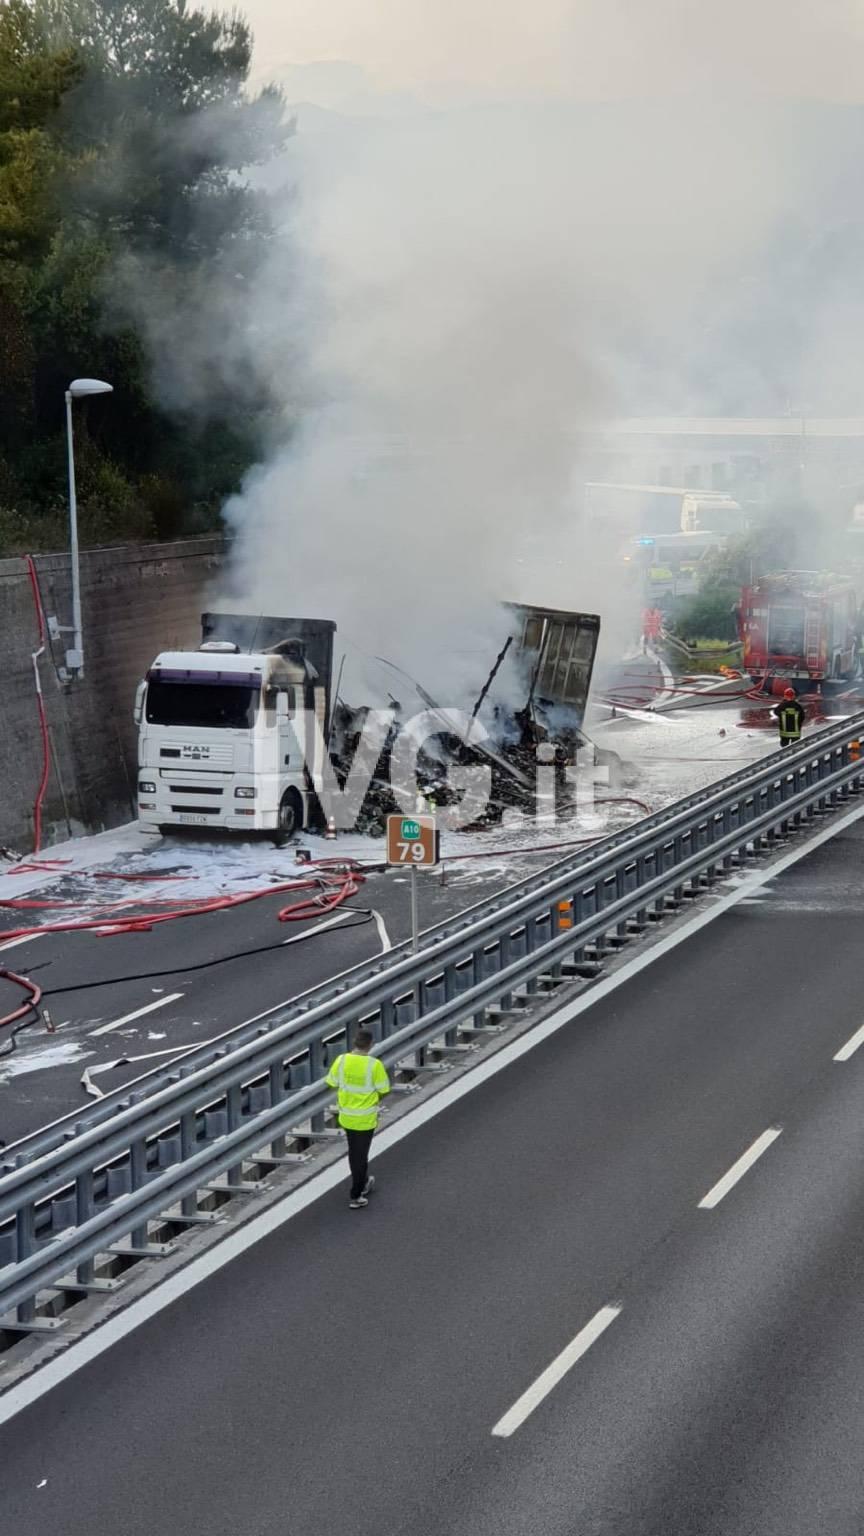 incendio a10 camion fuoco